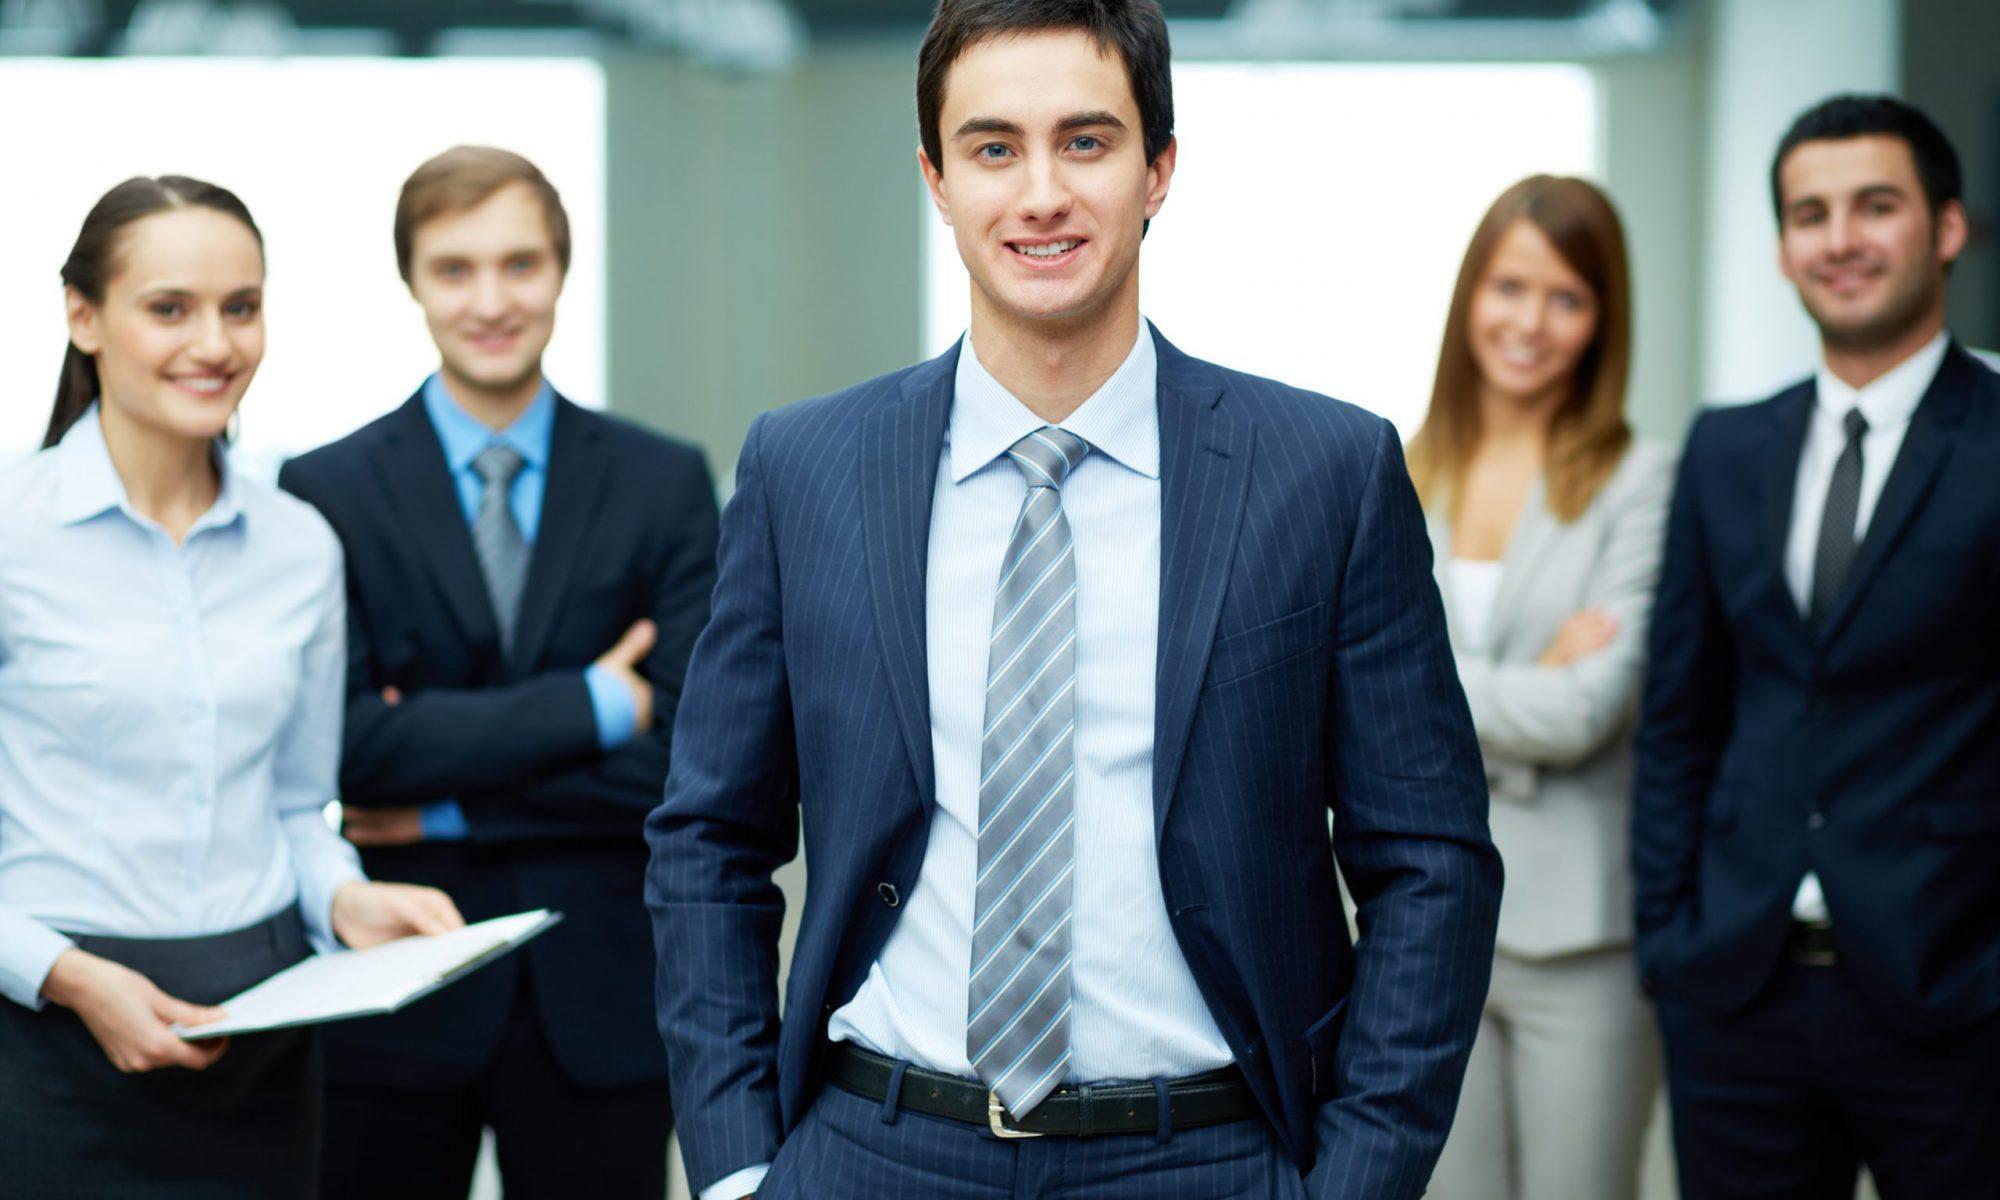 Cómo vestir para una entrevista de trabajo.